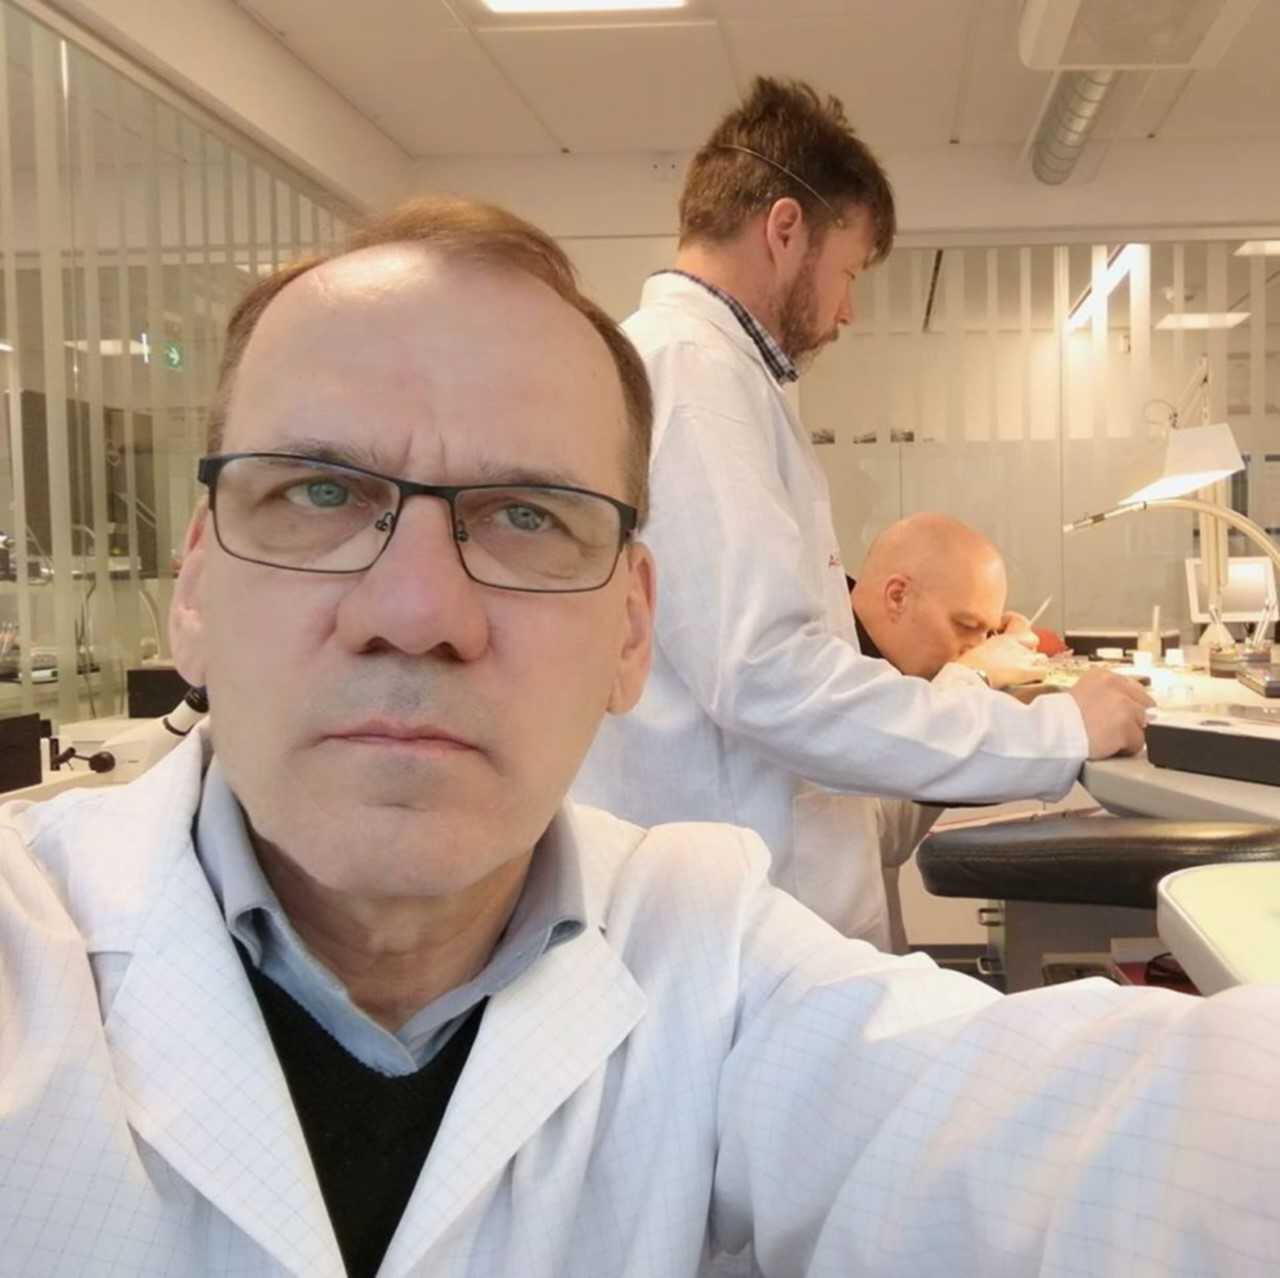 Viimeksi Tukholman kursseilla kouluttauduttiin kaliipereihin, jotka ovat vasta muutaman vuoden kuluttua Suomen markkinoilla. Kuvassa KultaViljasten Omega-seppä Pasi Viljanen.